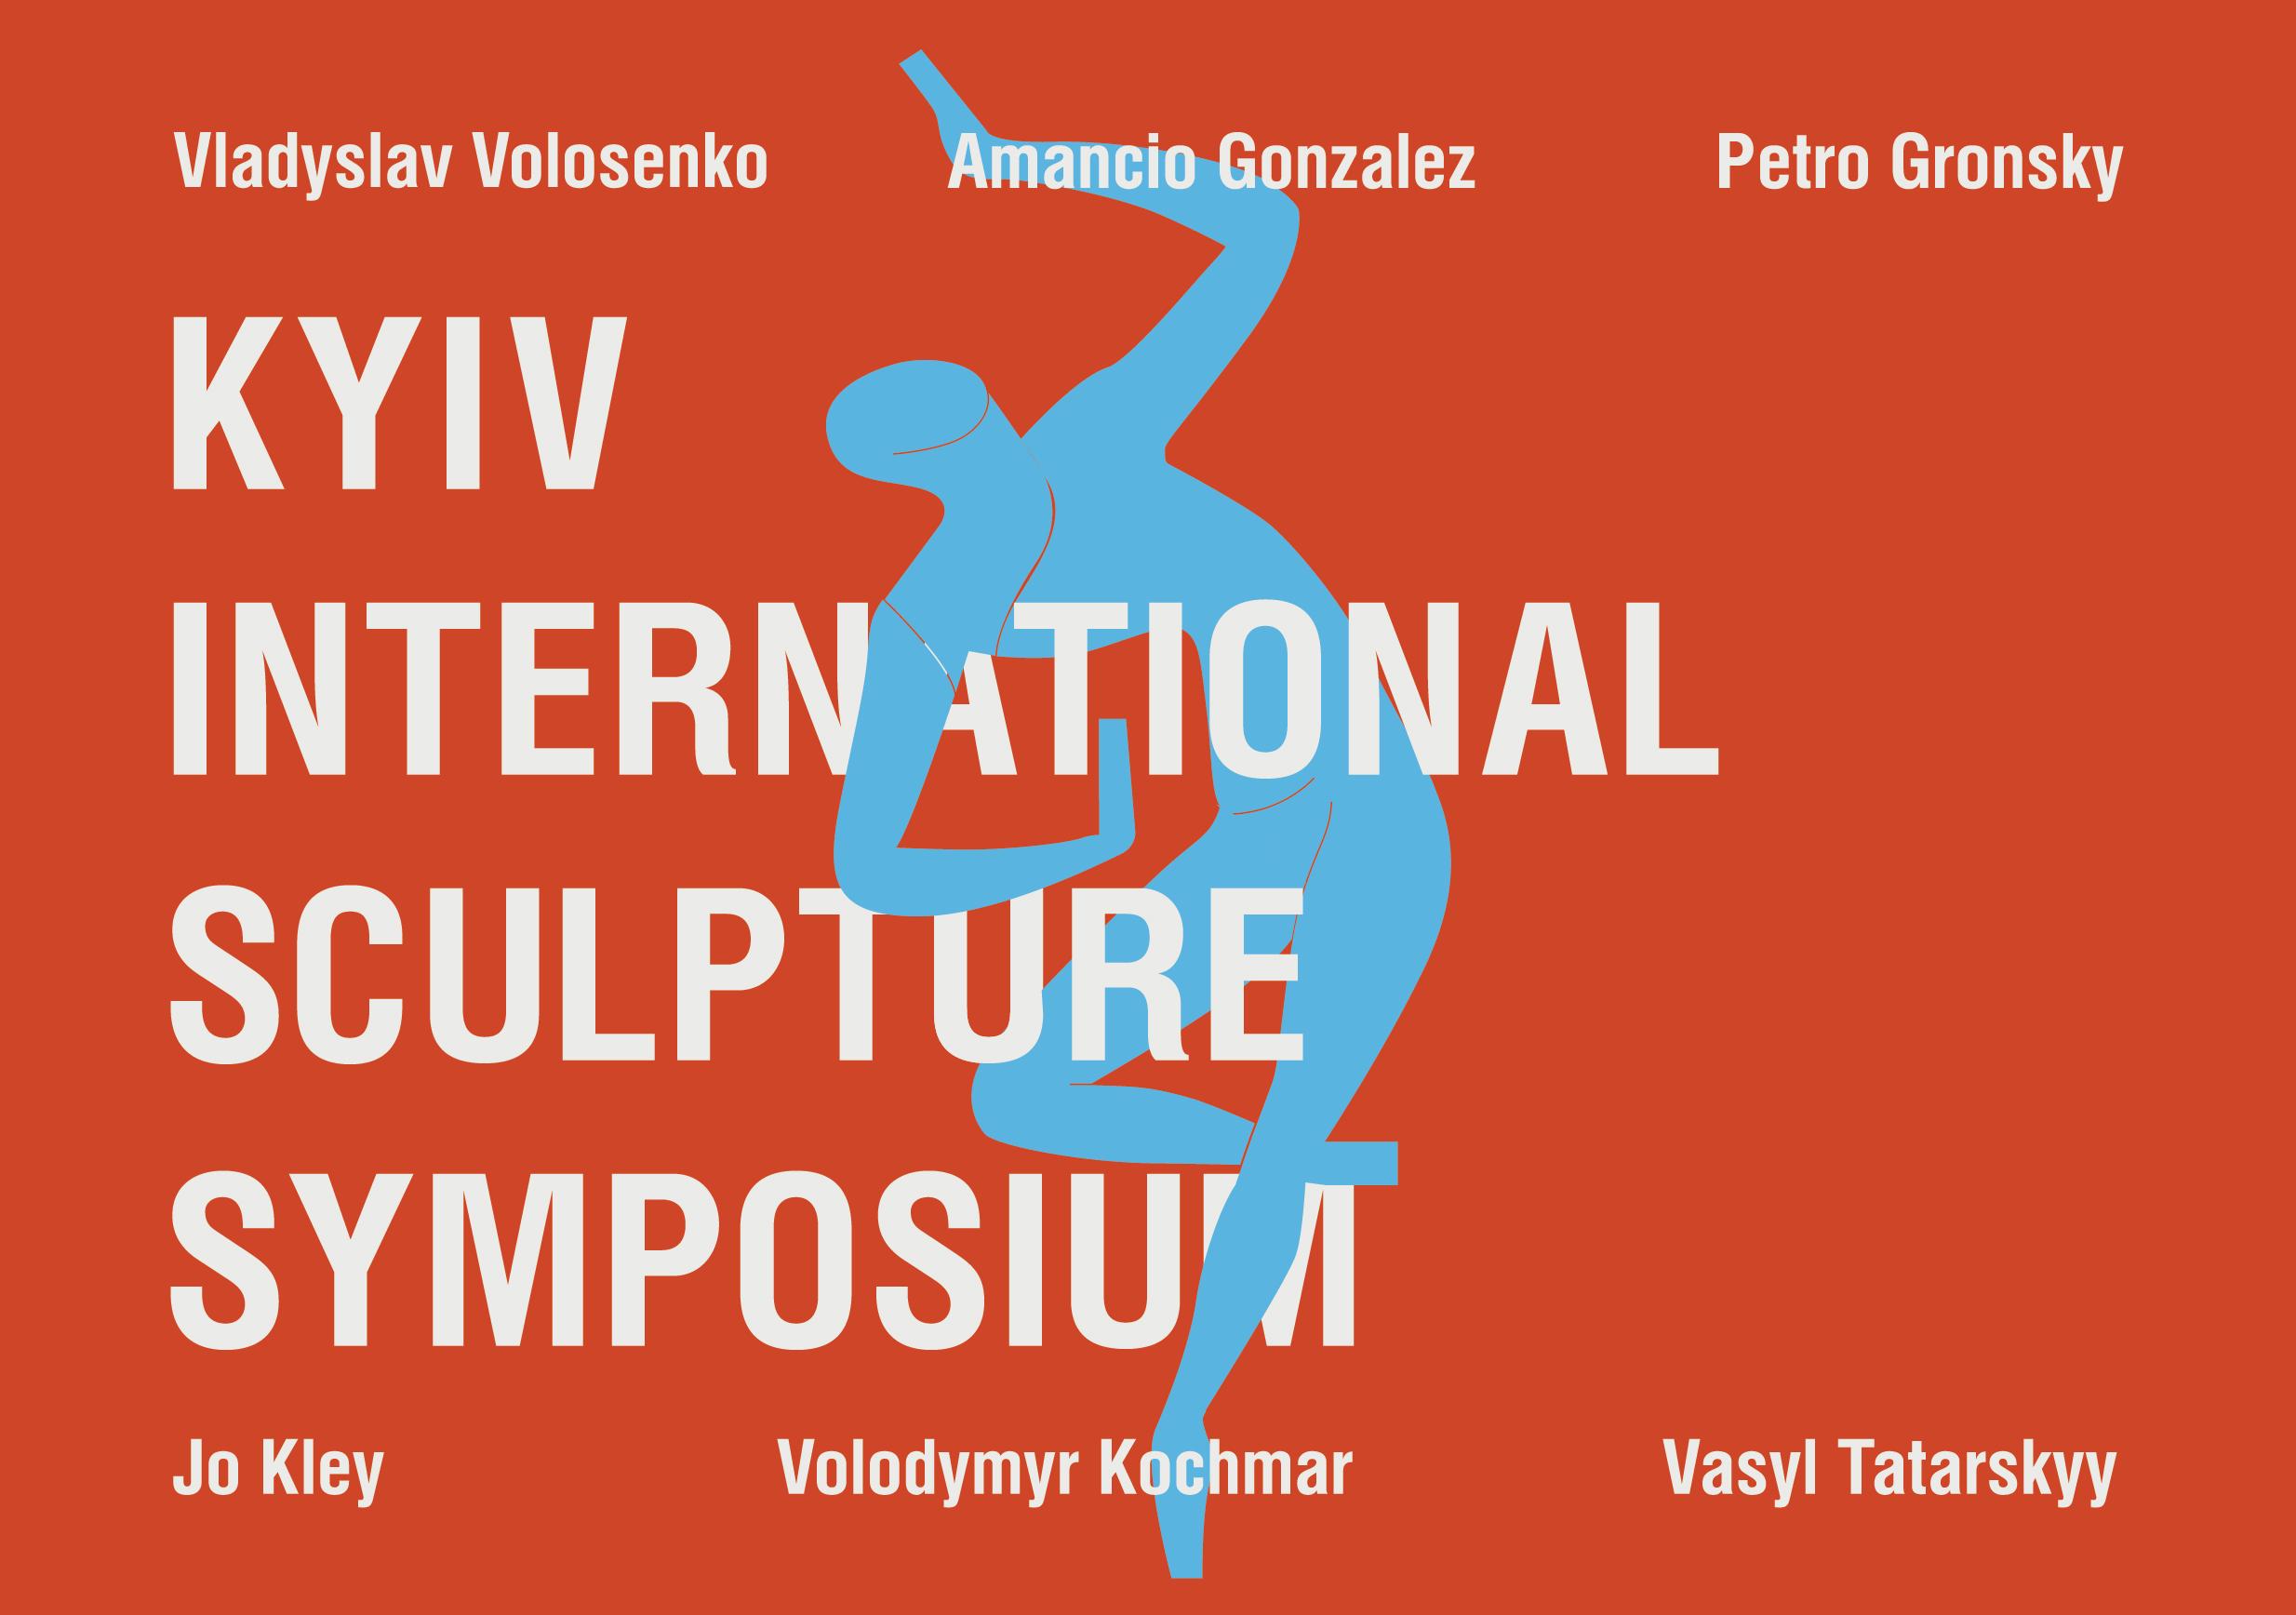 Презентація скульптур. Київський міжнародний скульптурний симпозіум